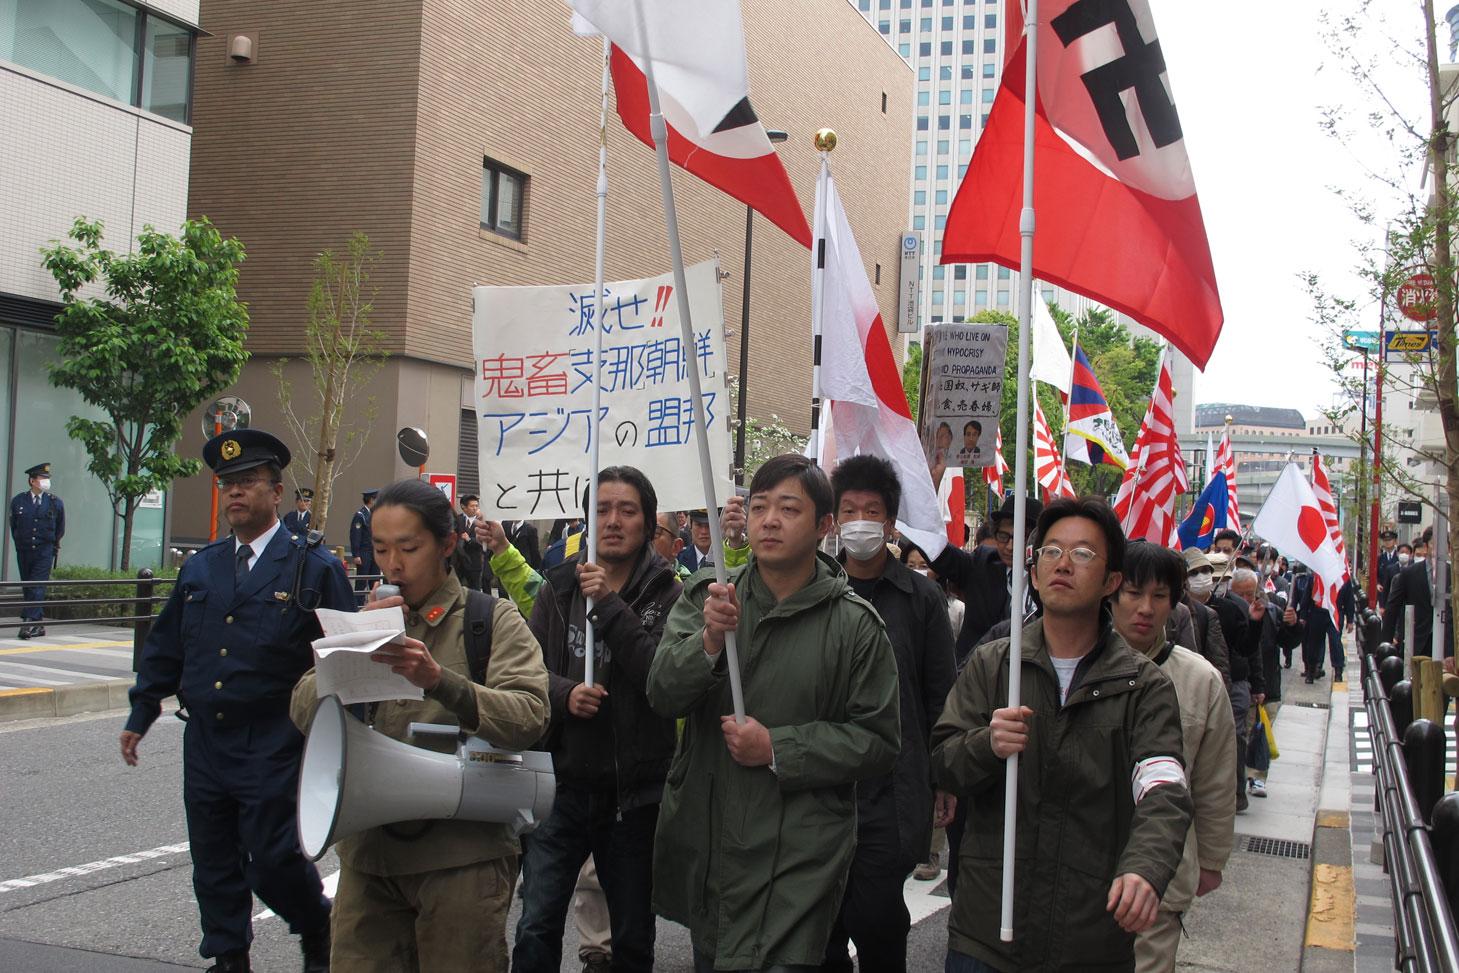 ハーケンクロイツの旗と日本の戦犯旗を持って東京 ...